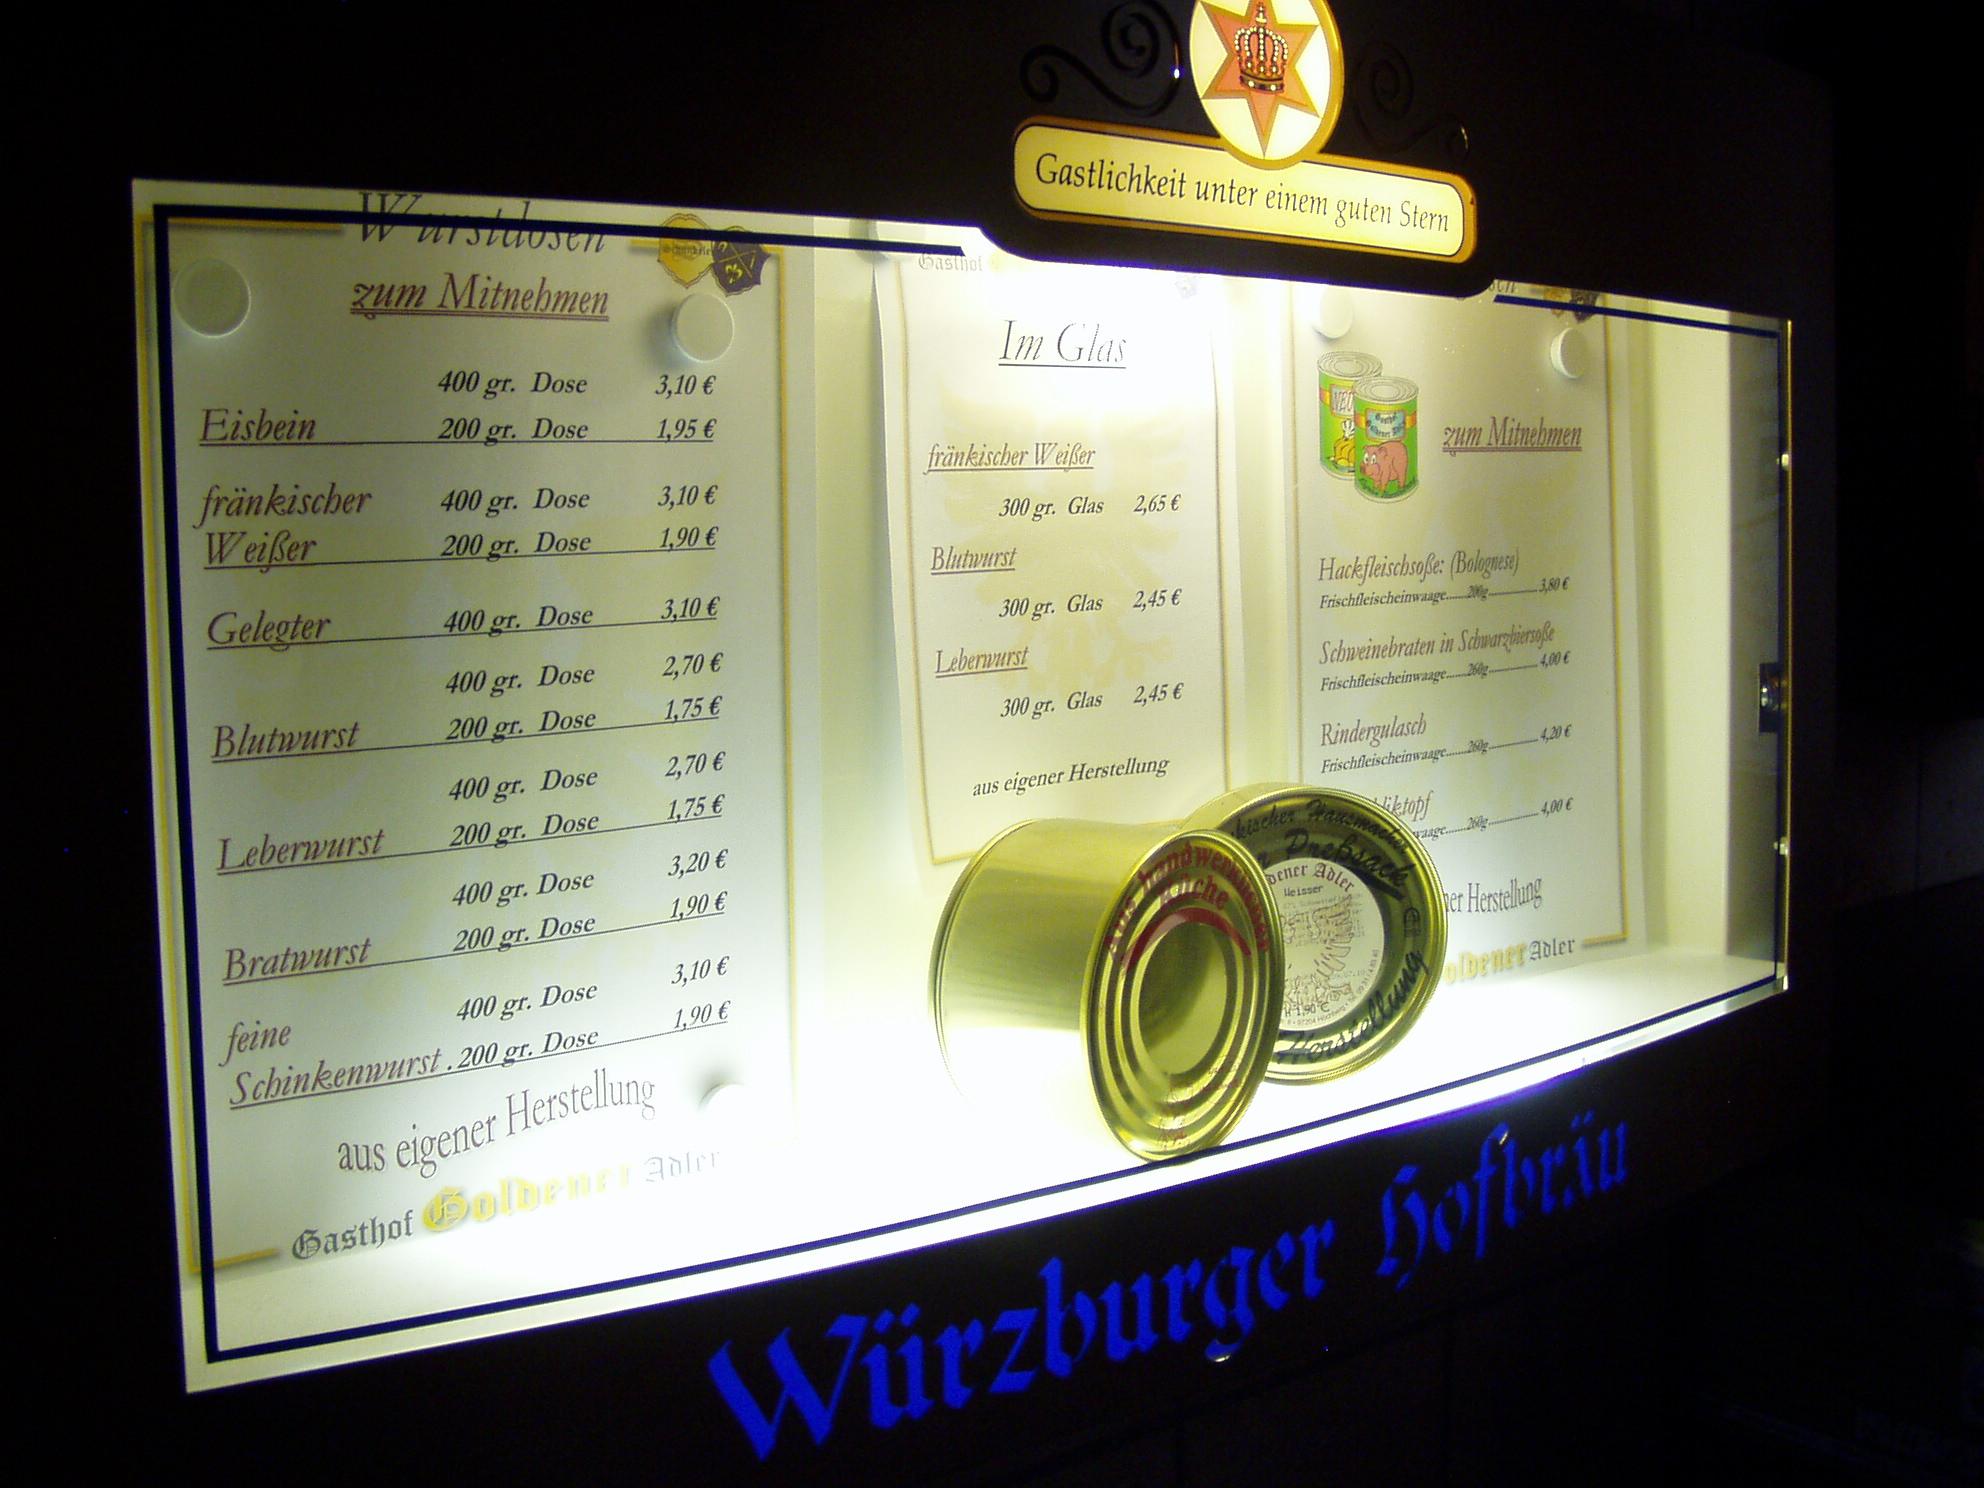 Wurstwaren - Goldener Adler Höchberg